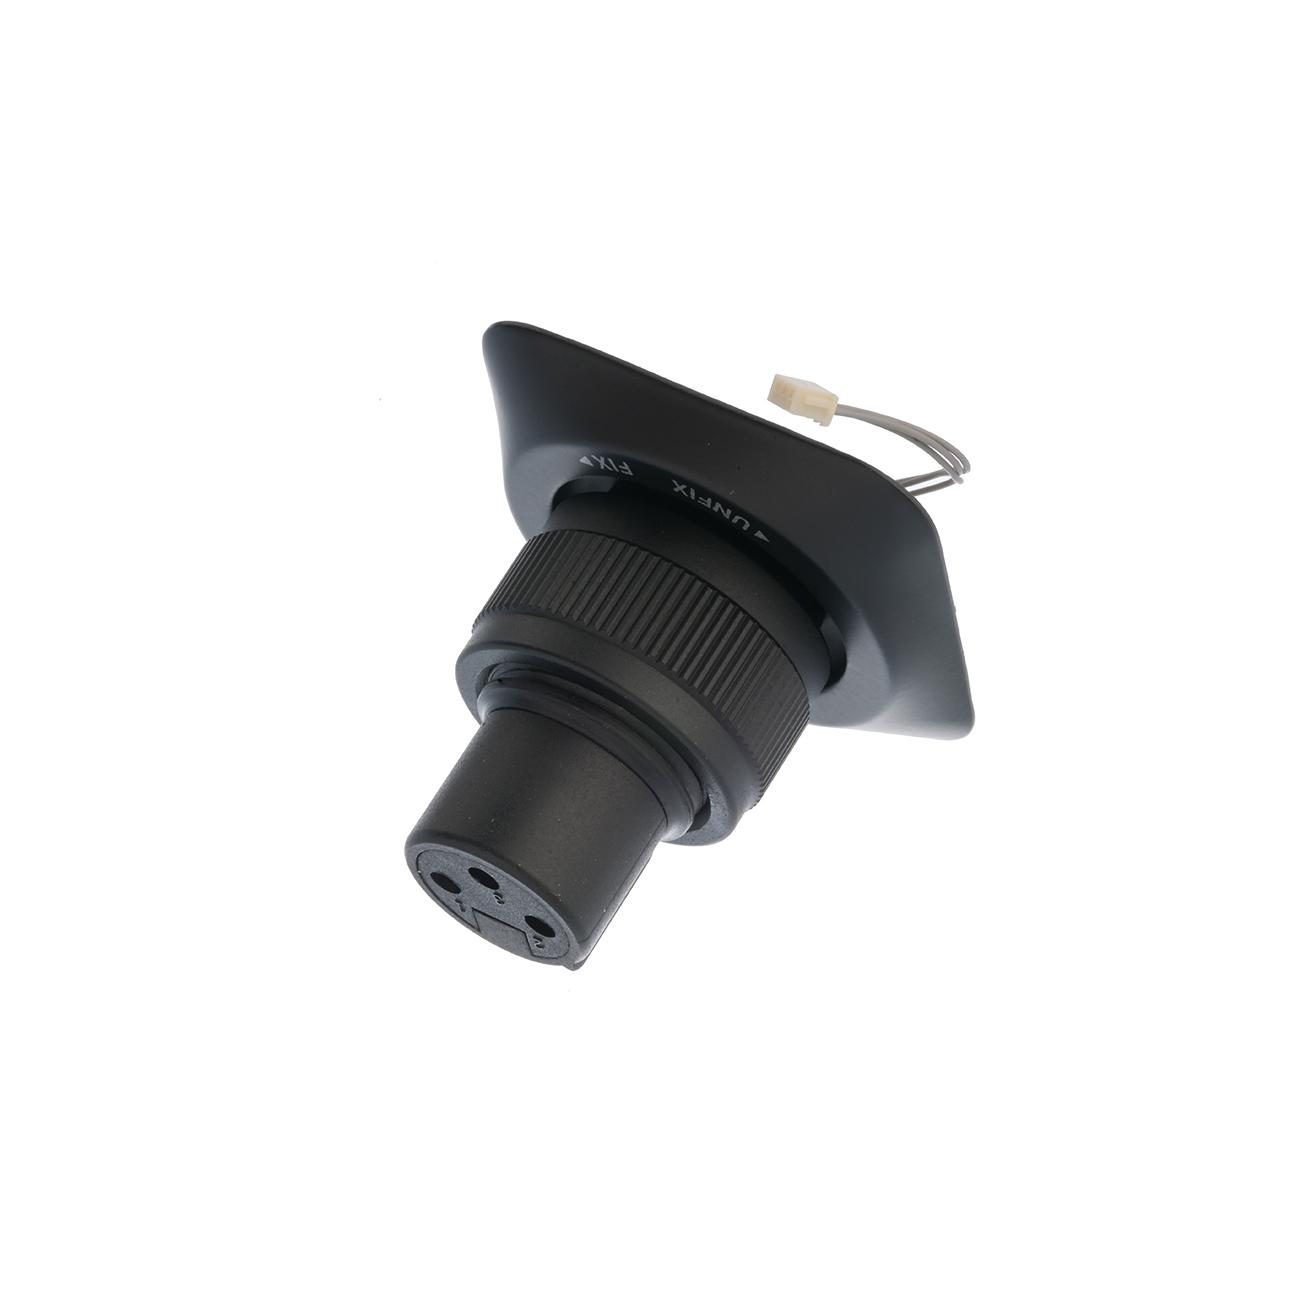 Flange with XLR plug socket